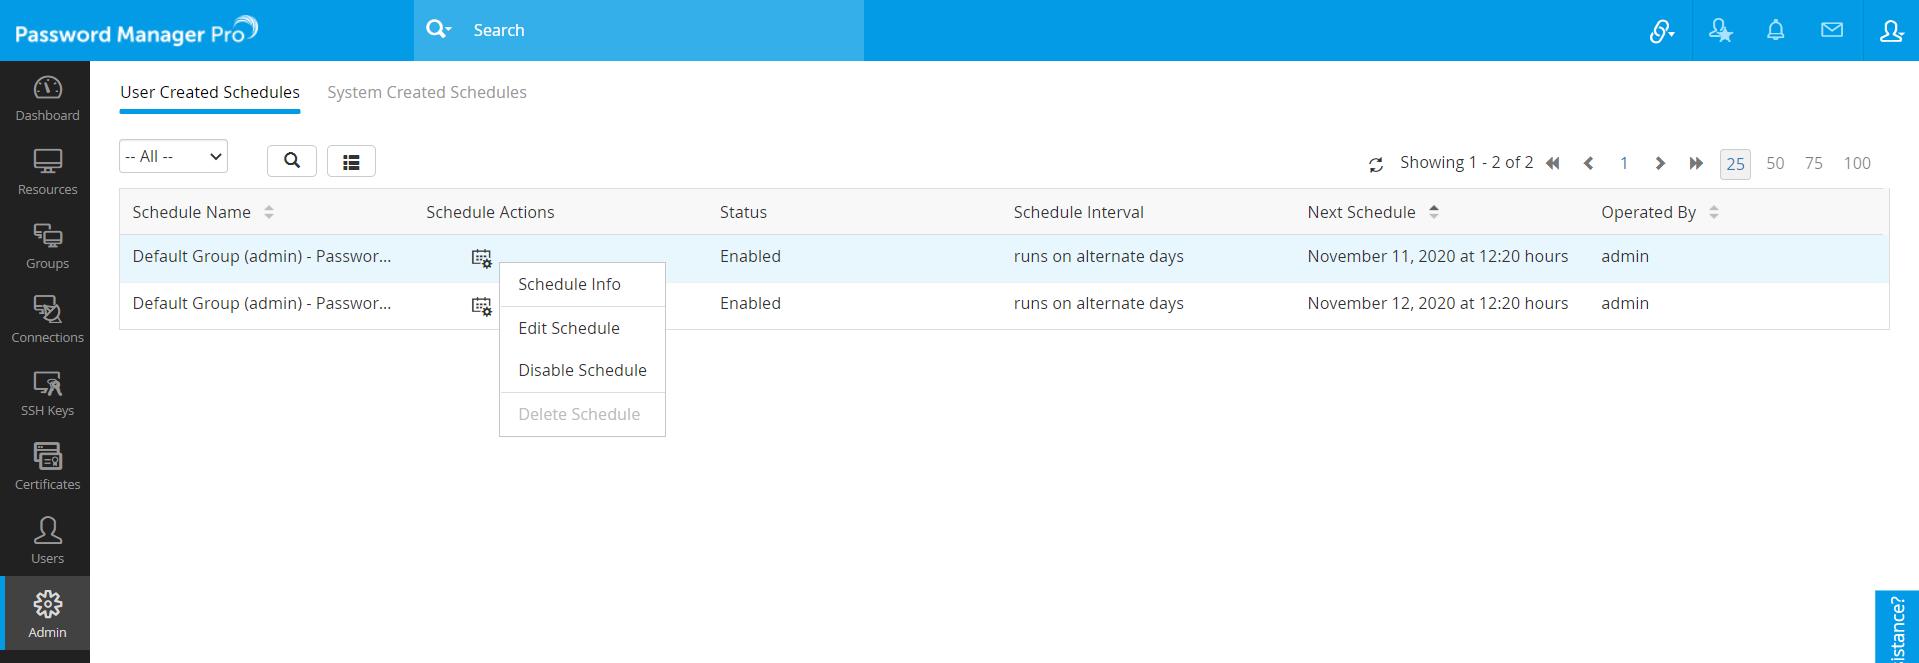 Managing Schedules